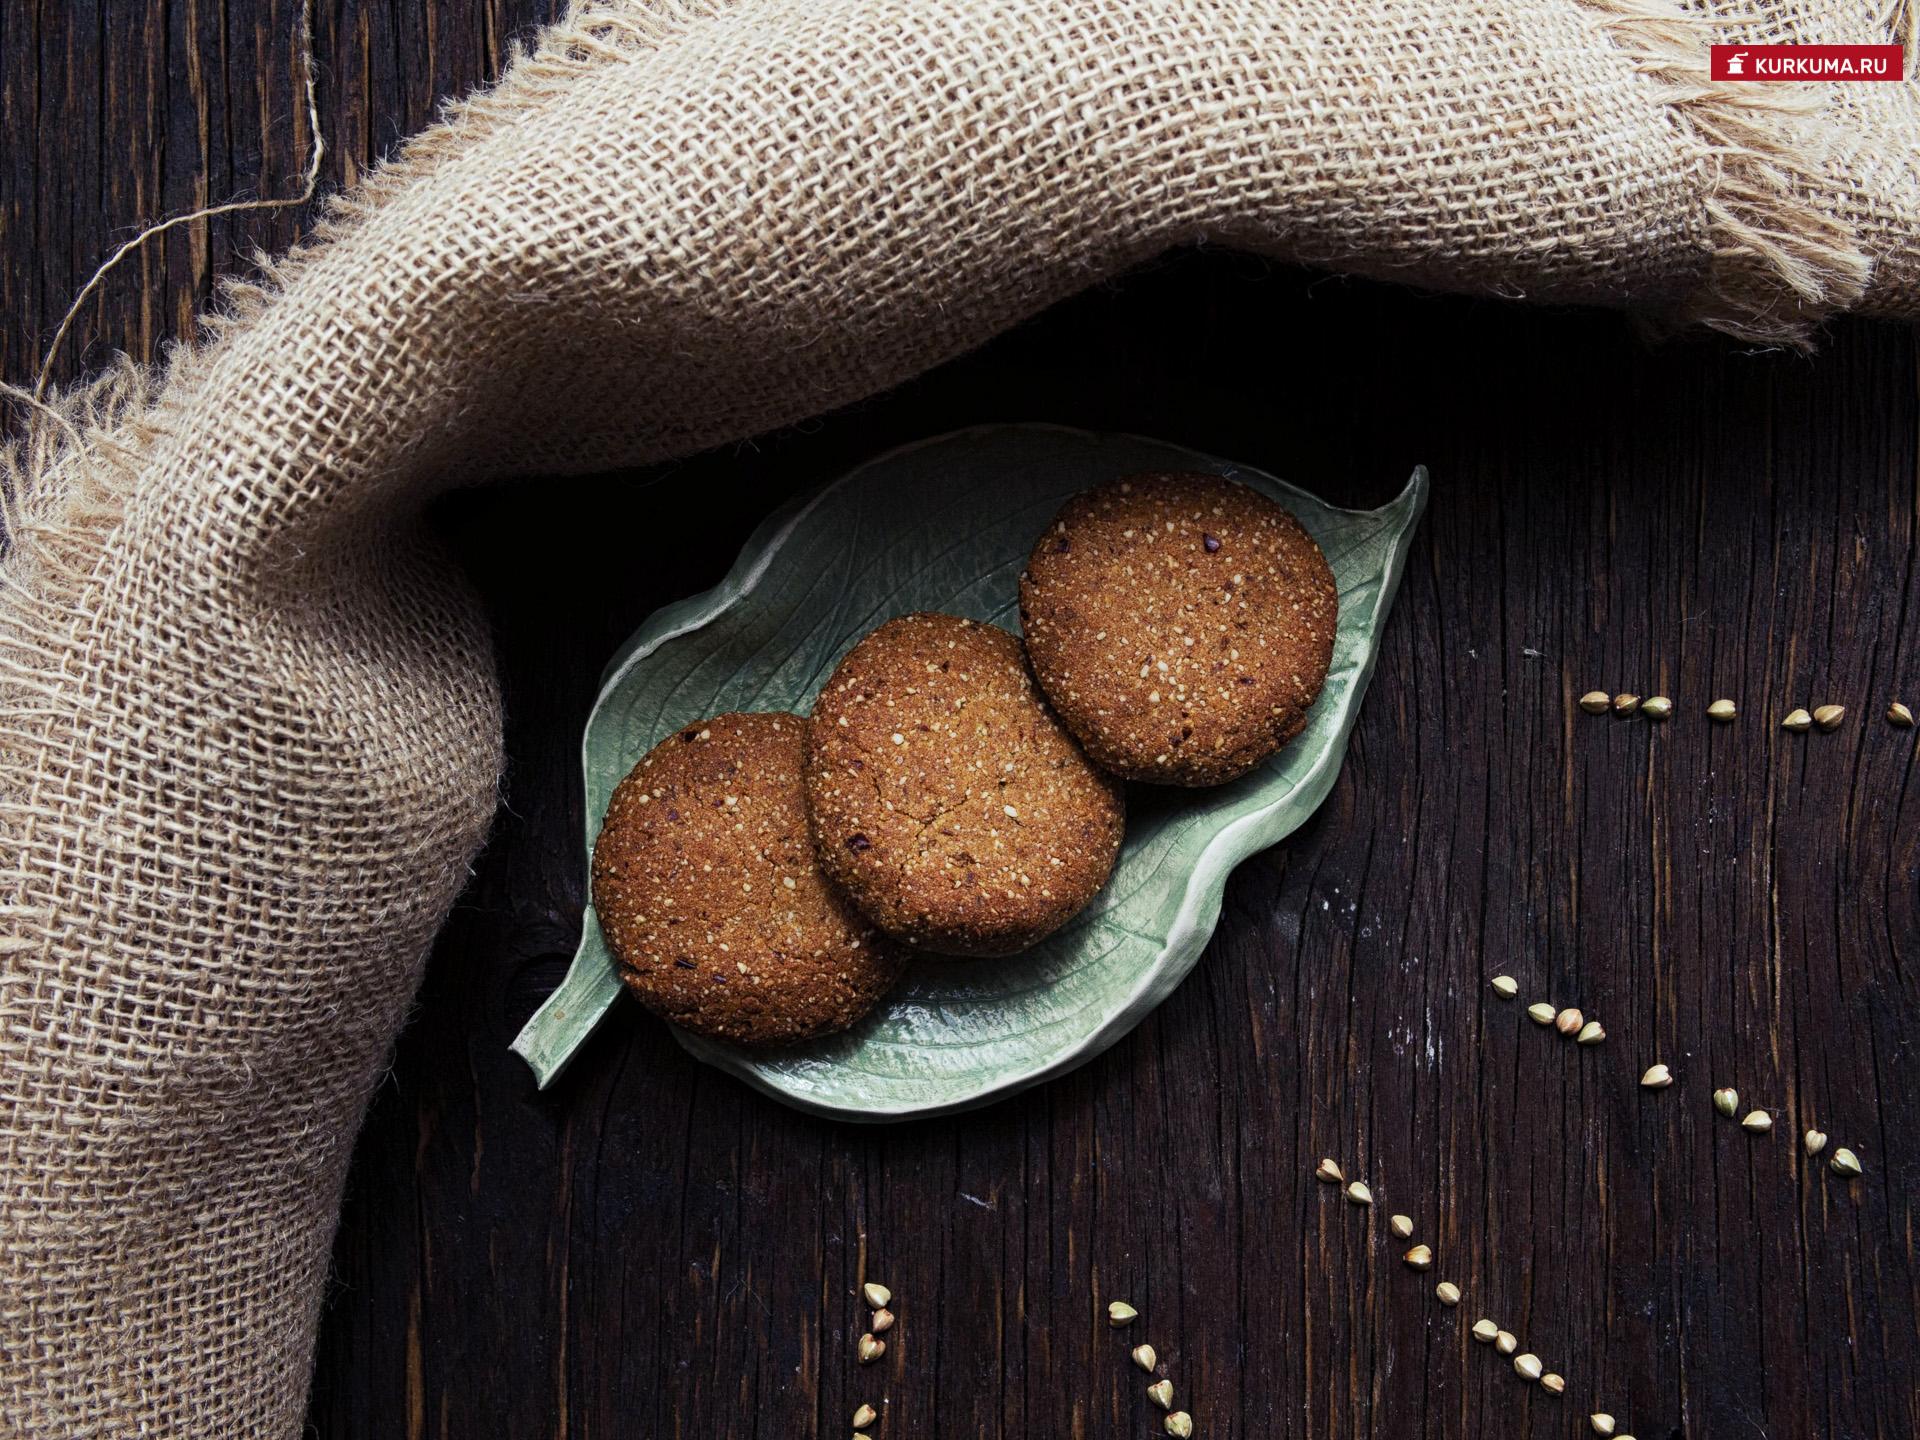 Рецепт печенья из зеленой гречки - пошаговый рецепт с фото